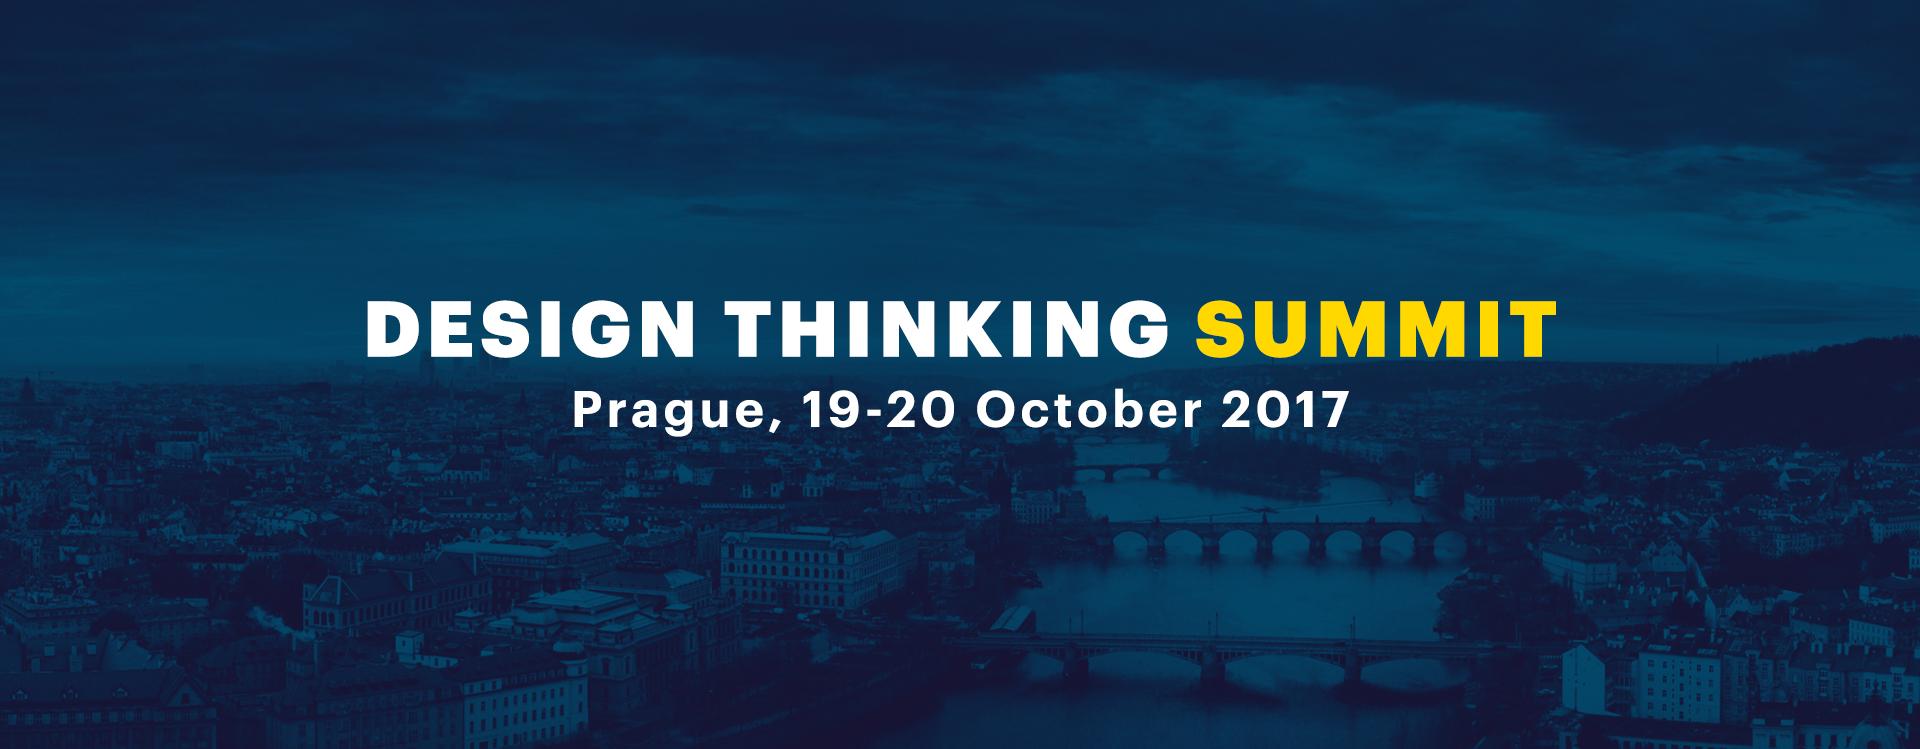 design-thinking-summit.jpg